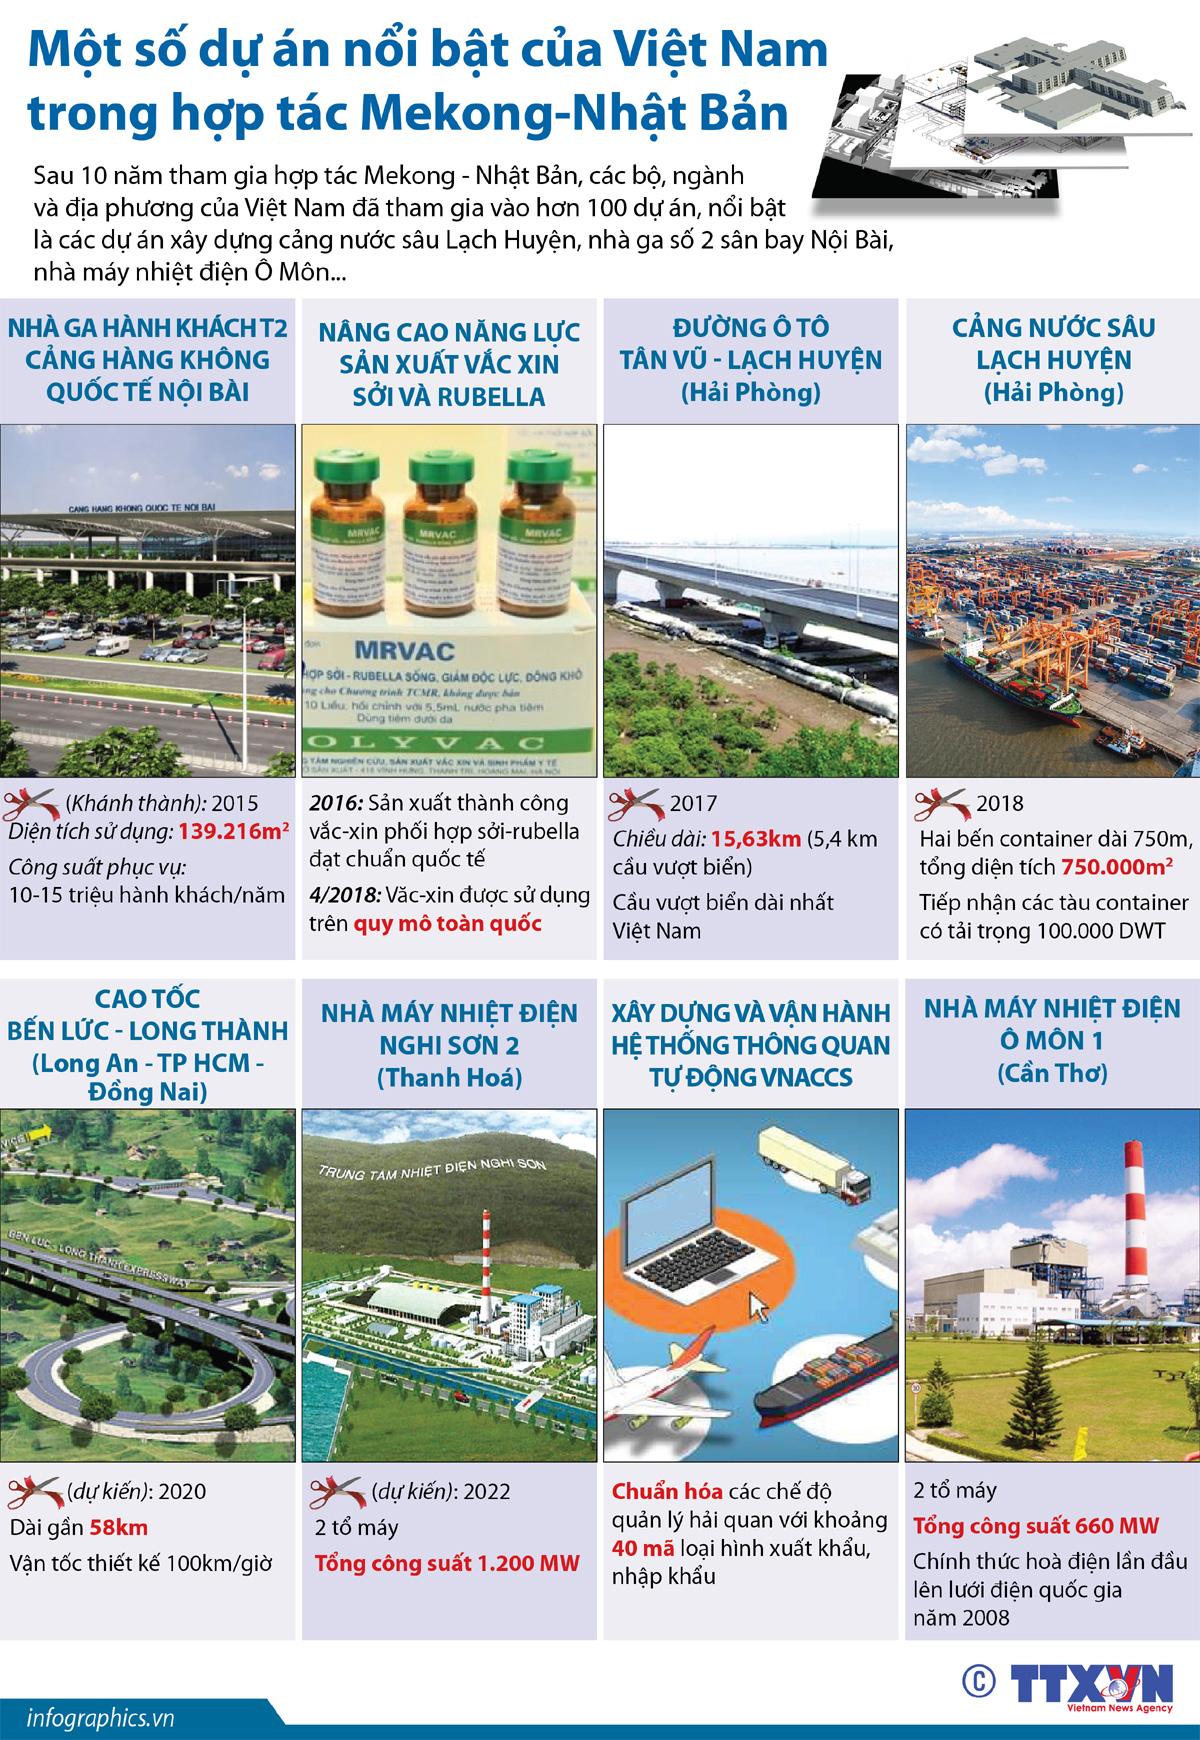 dự án, Việt Nam, hợp tác Mekong-Nhật Bản, sân bay Nội Bài, nhà máy nhiệt điện Ô Môn